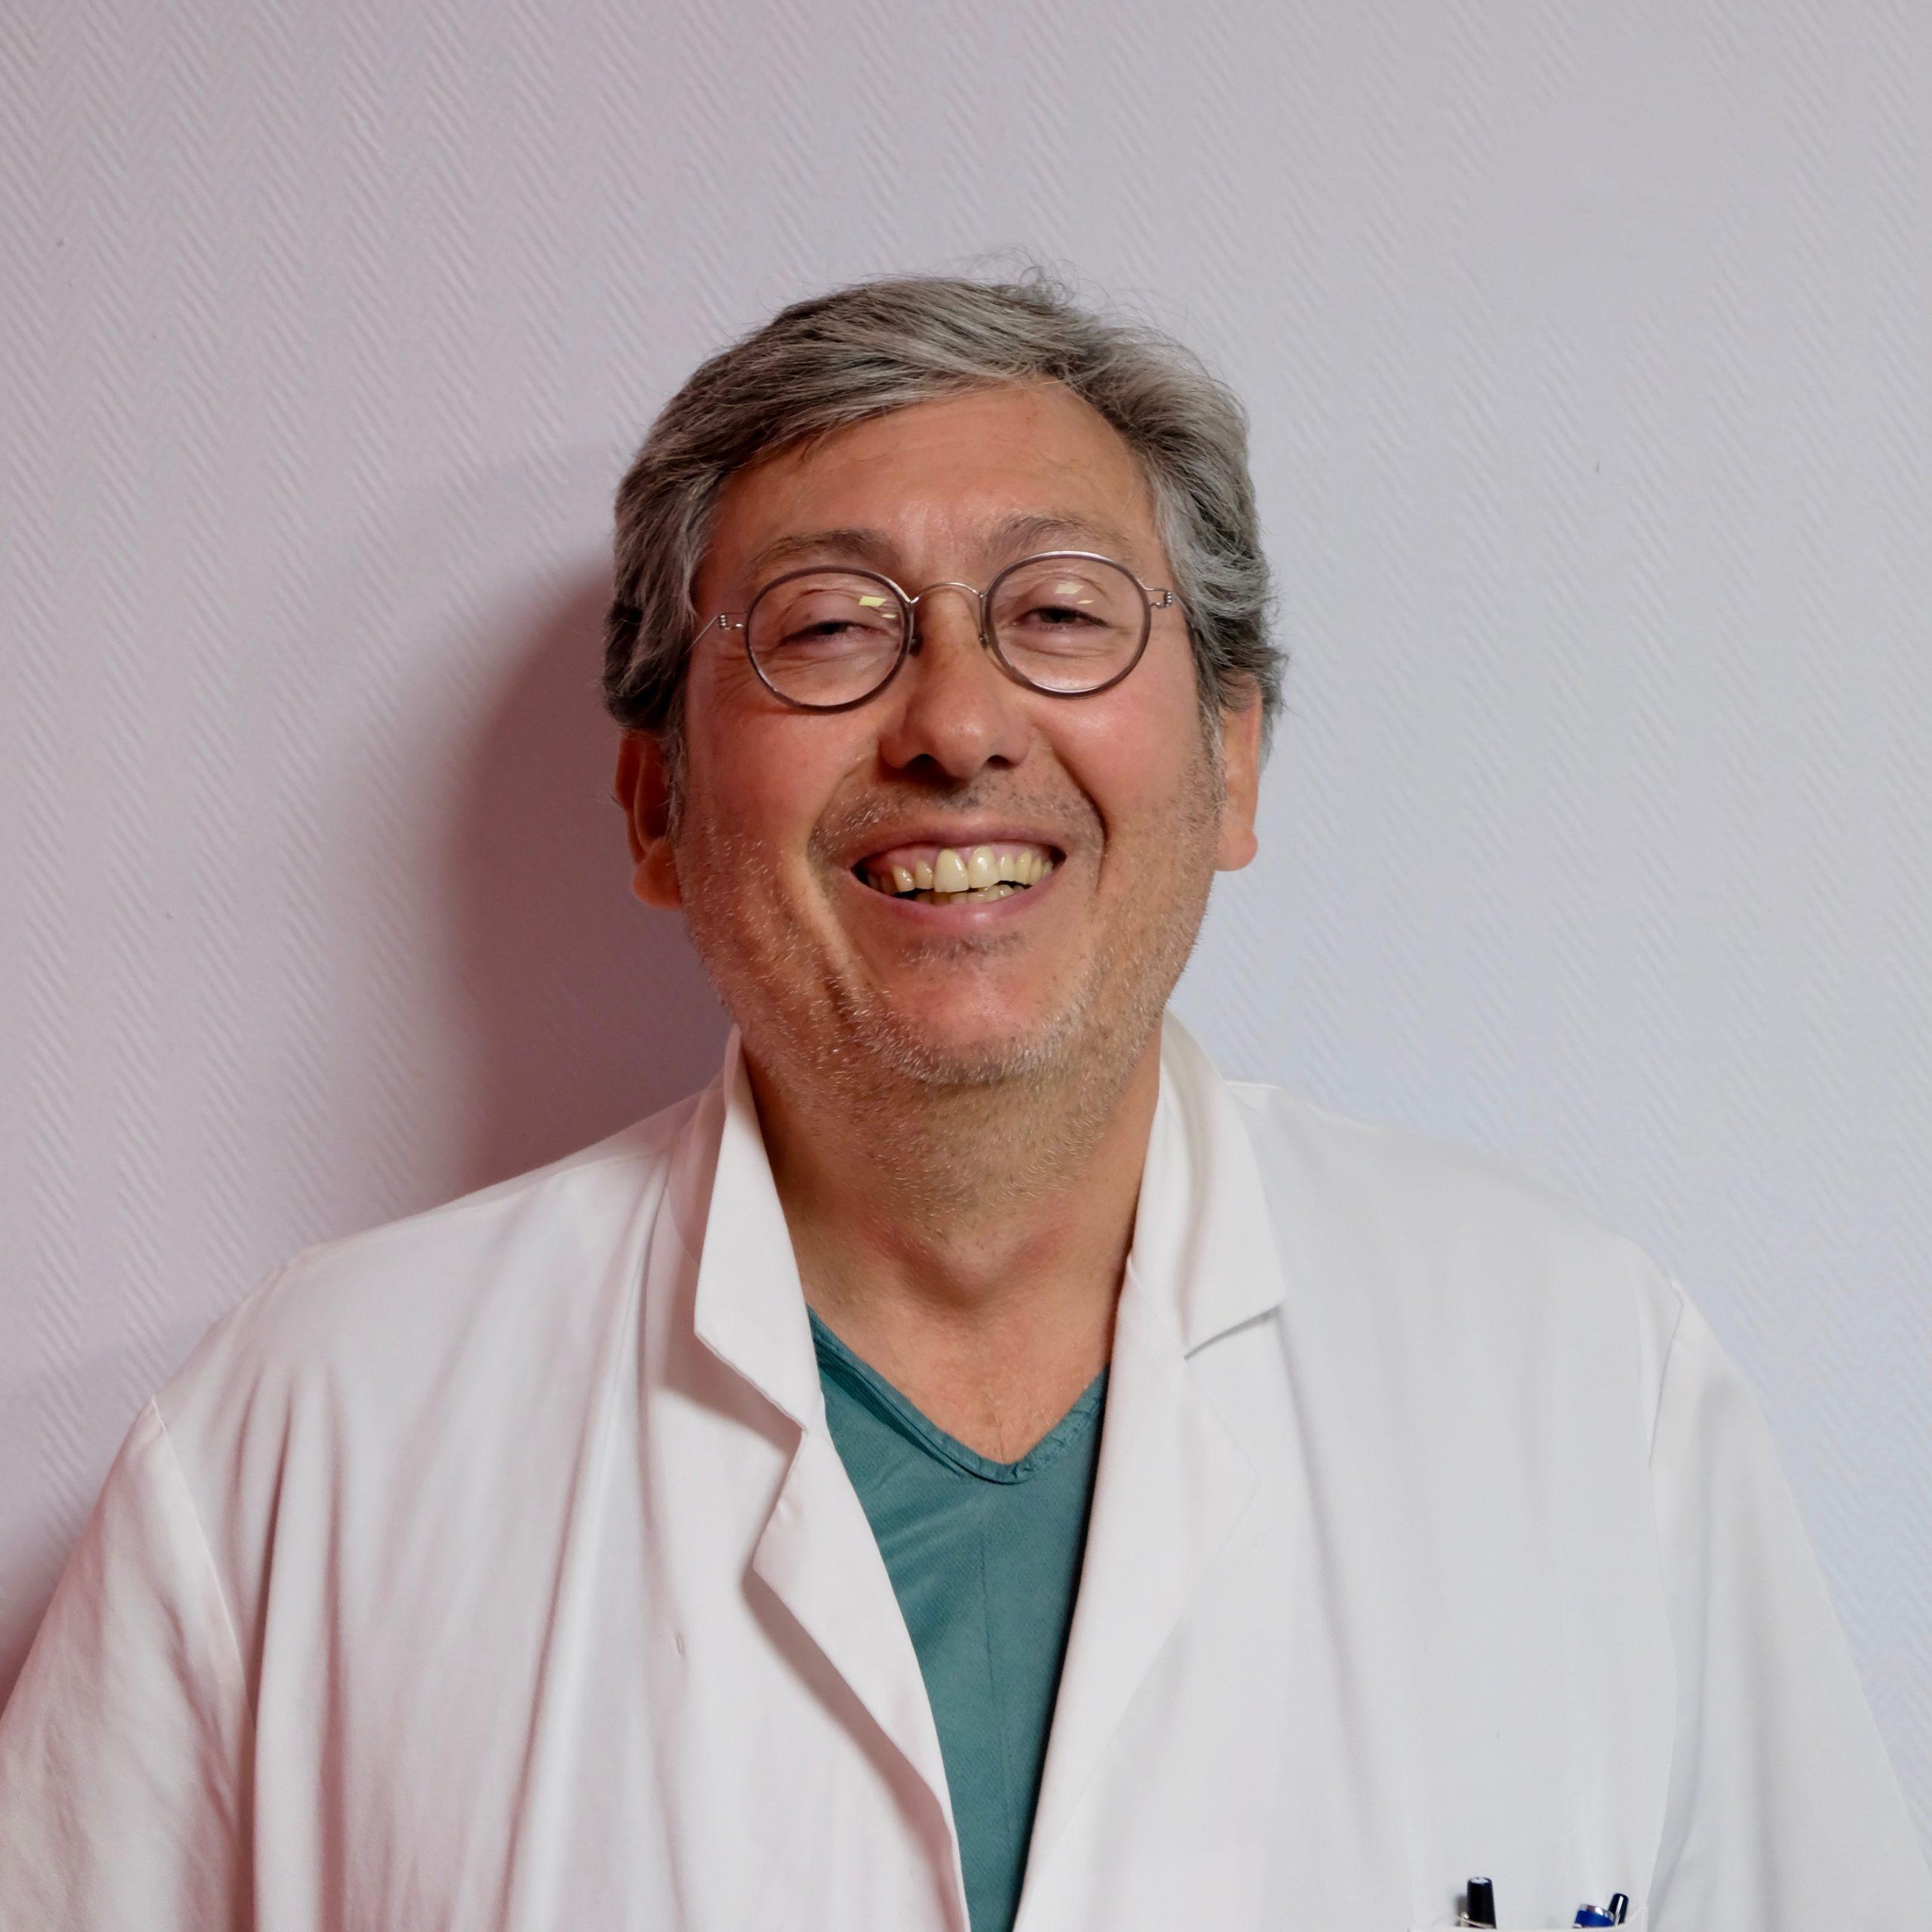 Dr SOUDRE